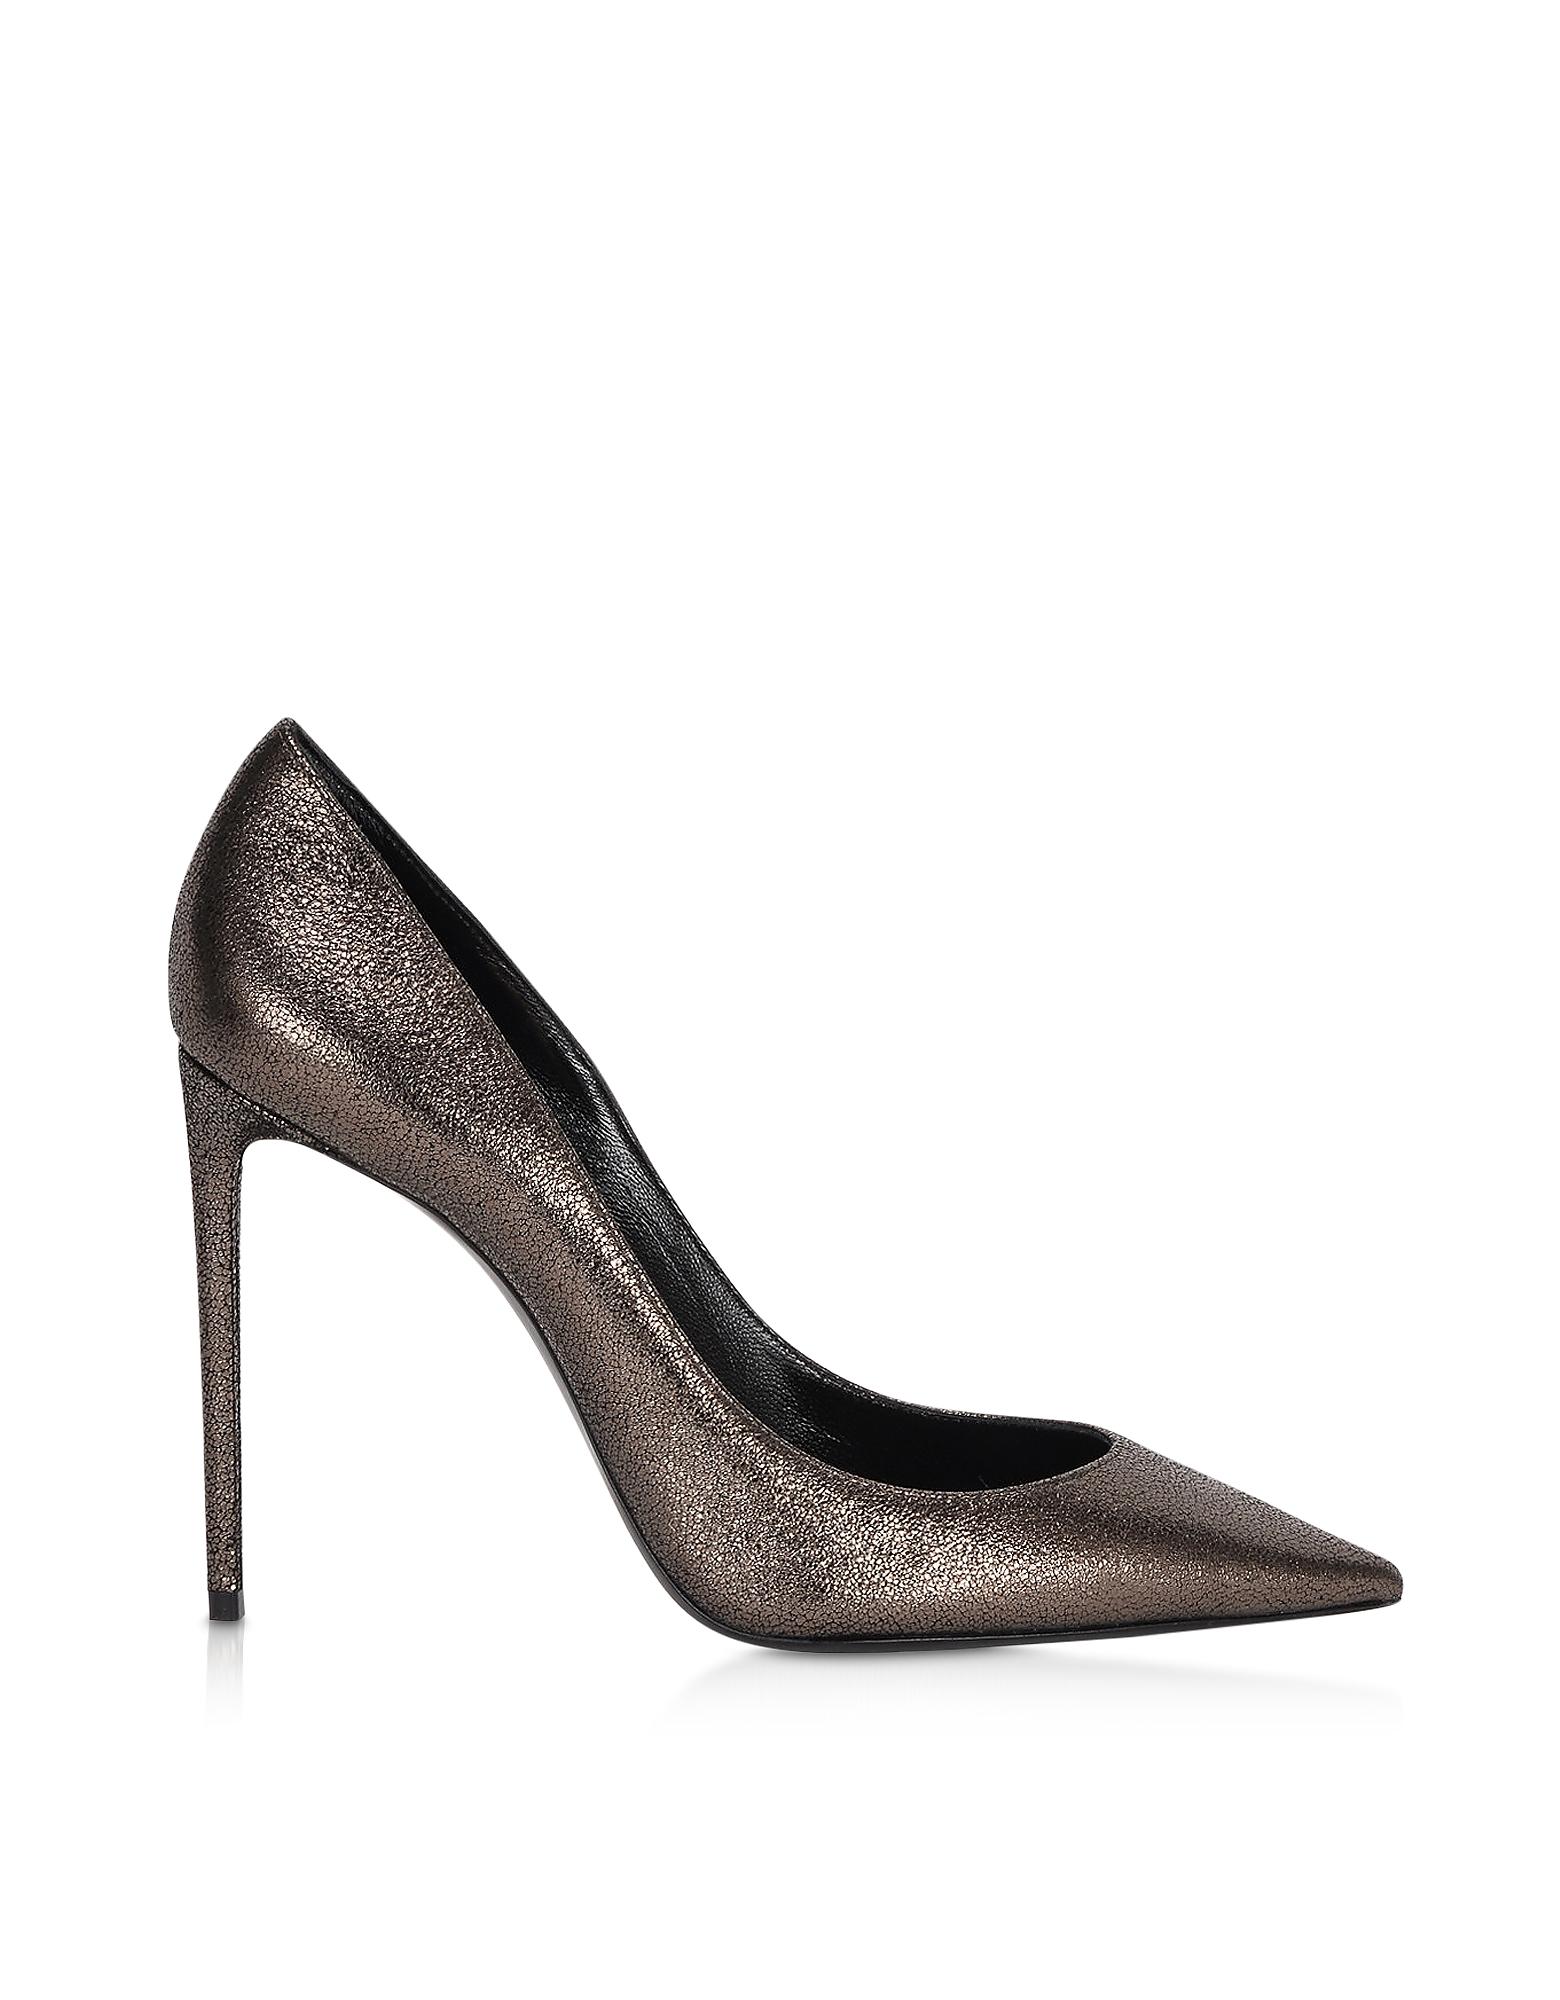 Saint Laurent Designer Shoes, Gunmetal Evora Leather 85 Zoe Pumps